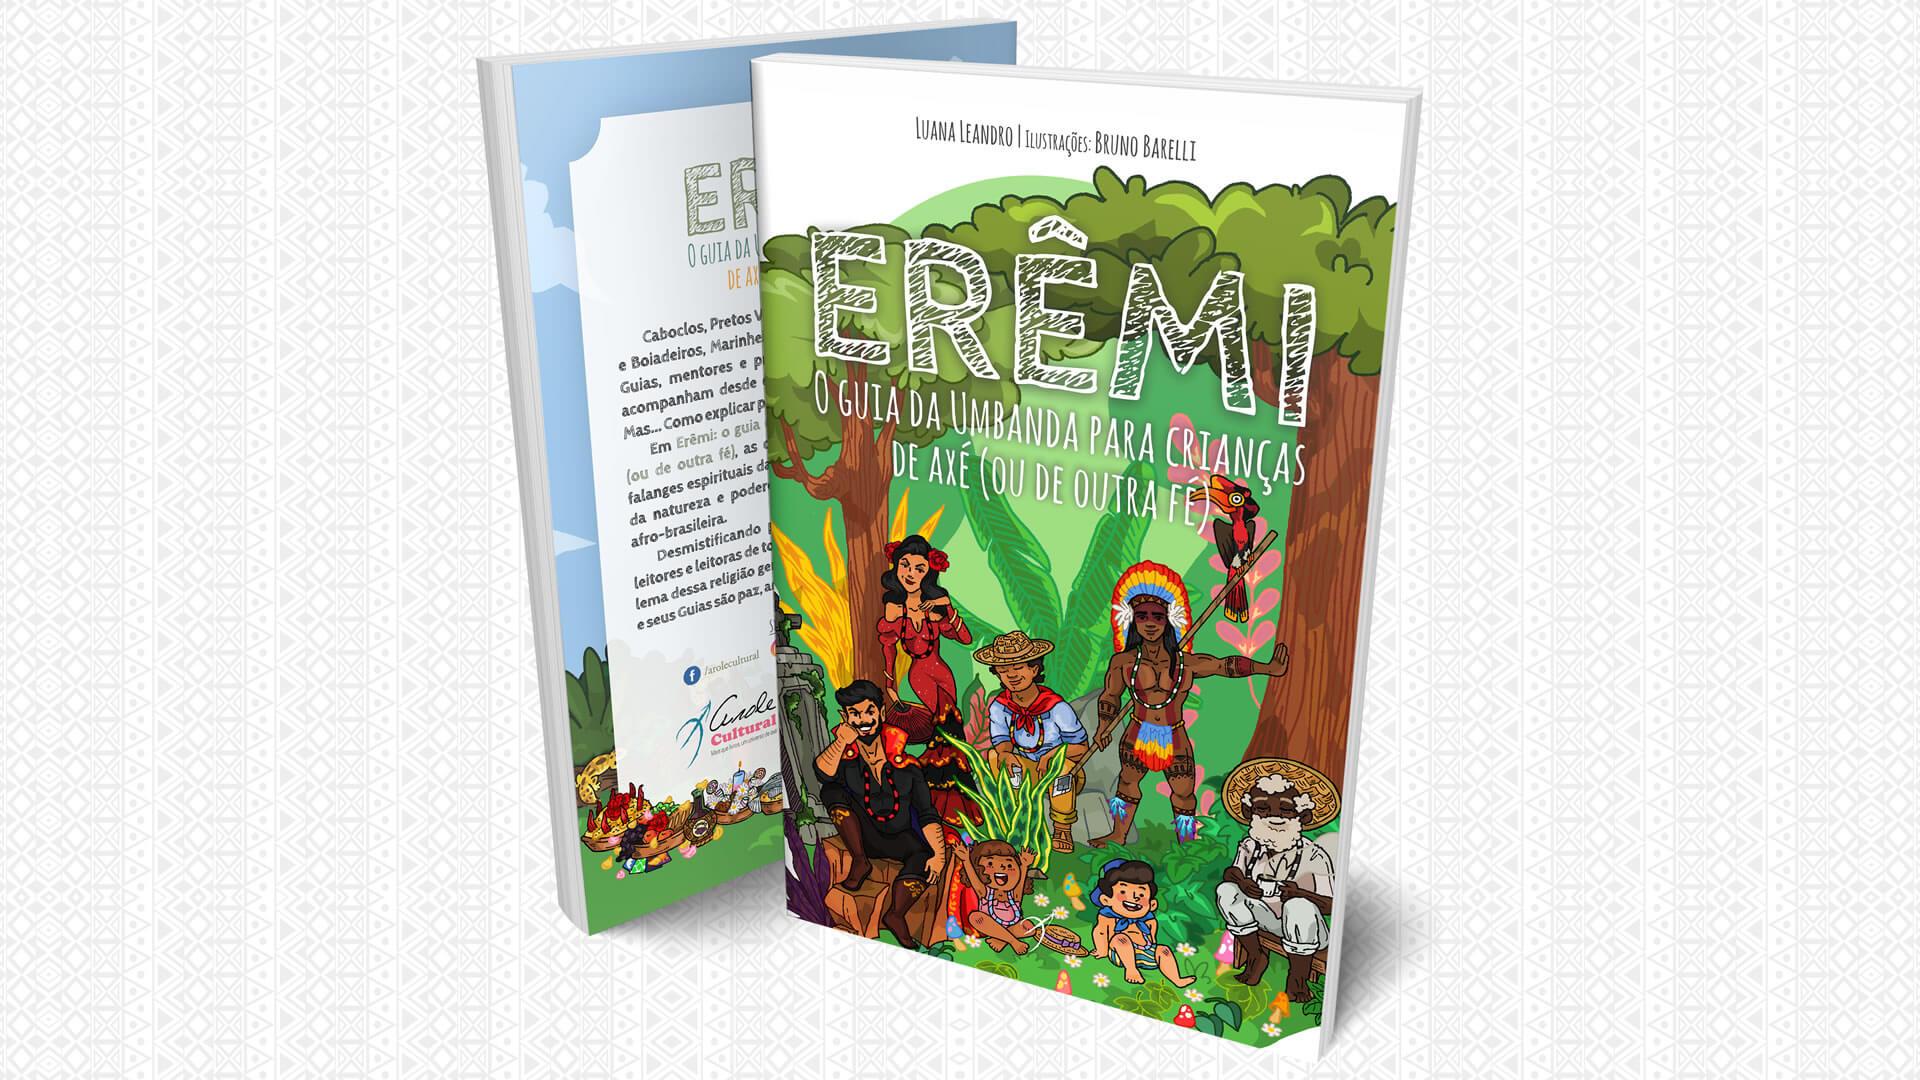 Orixás Para Crianças | ERÊMI: O Guia da Umbanda para Crianças de Axé, lançamento da Arole Cultural, apresenta as 12 falanges espirituais da Umbanda para as crianças!